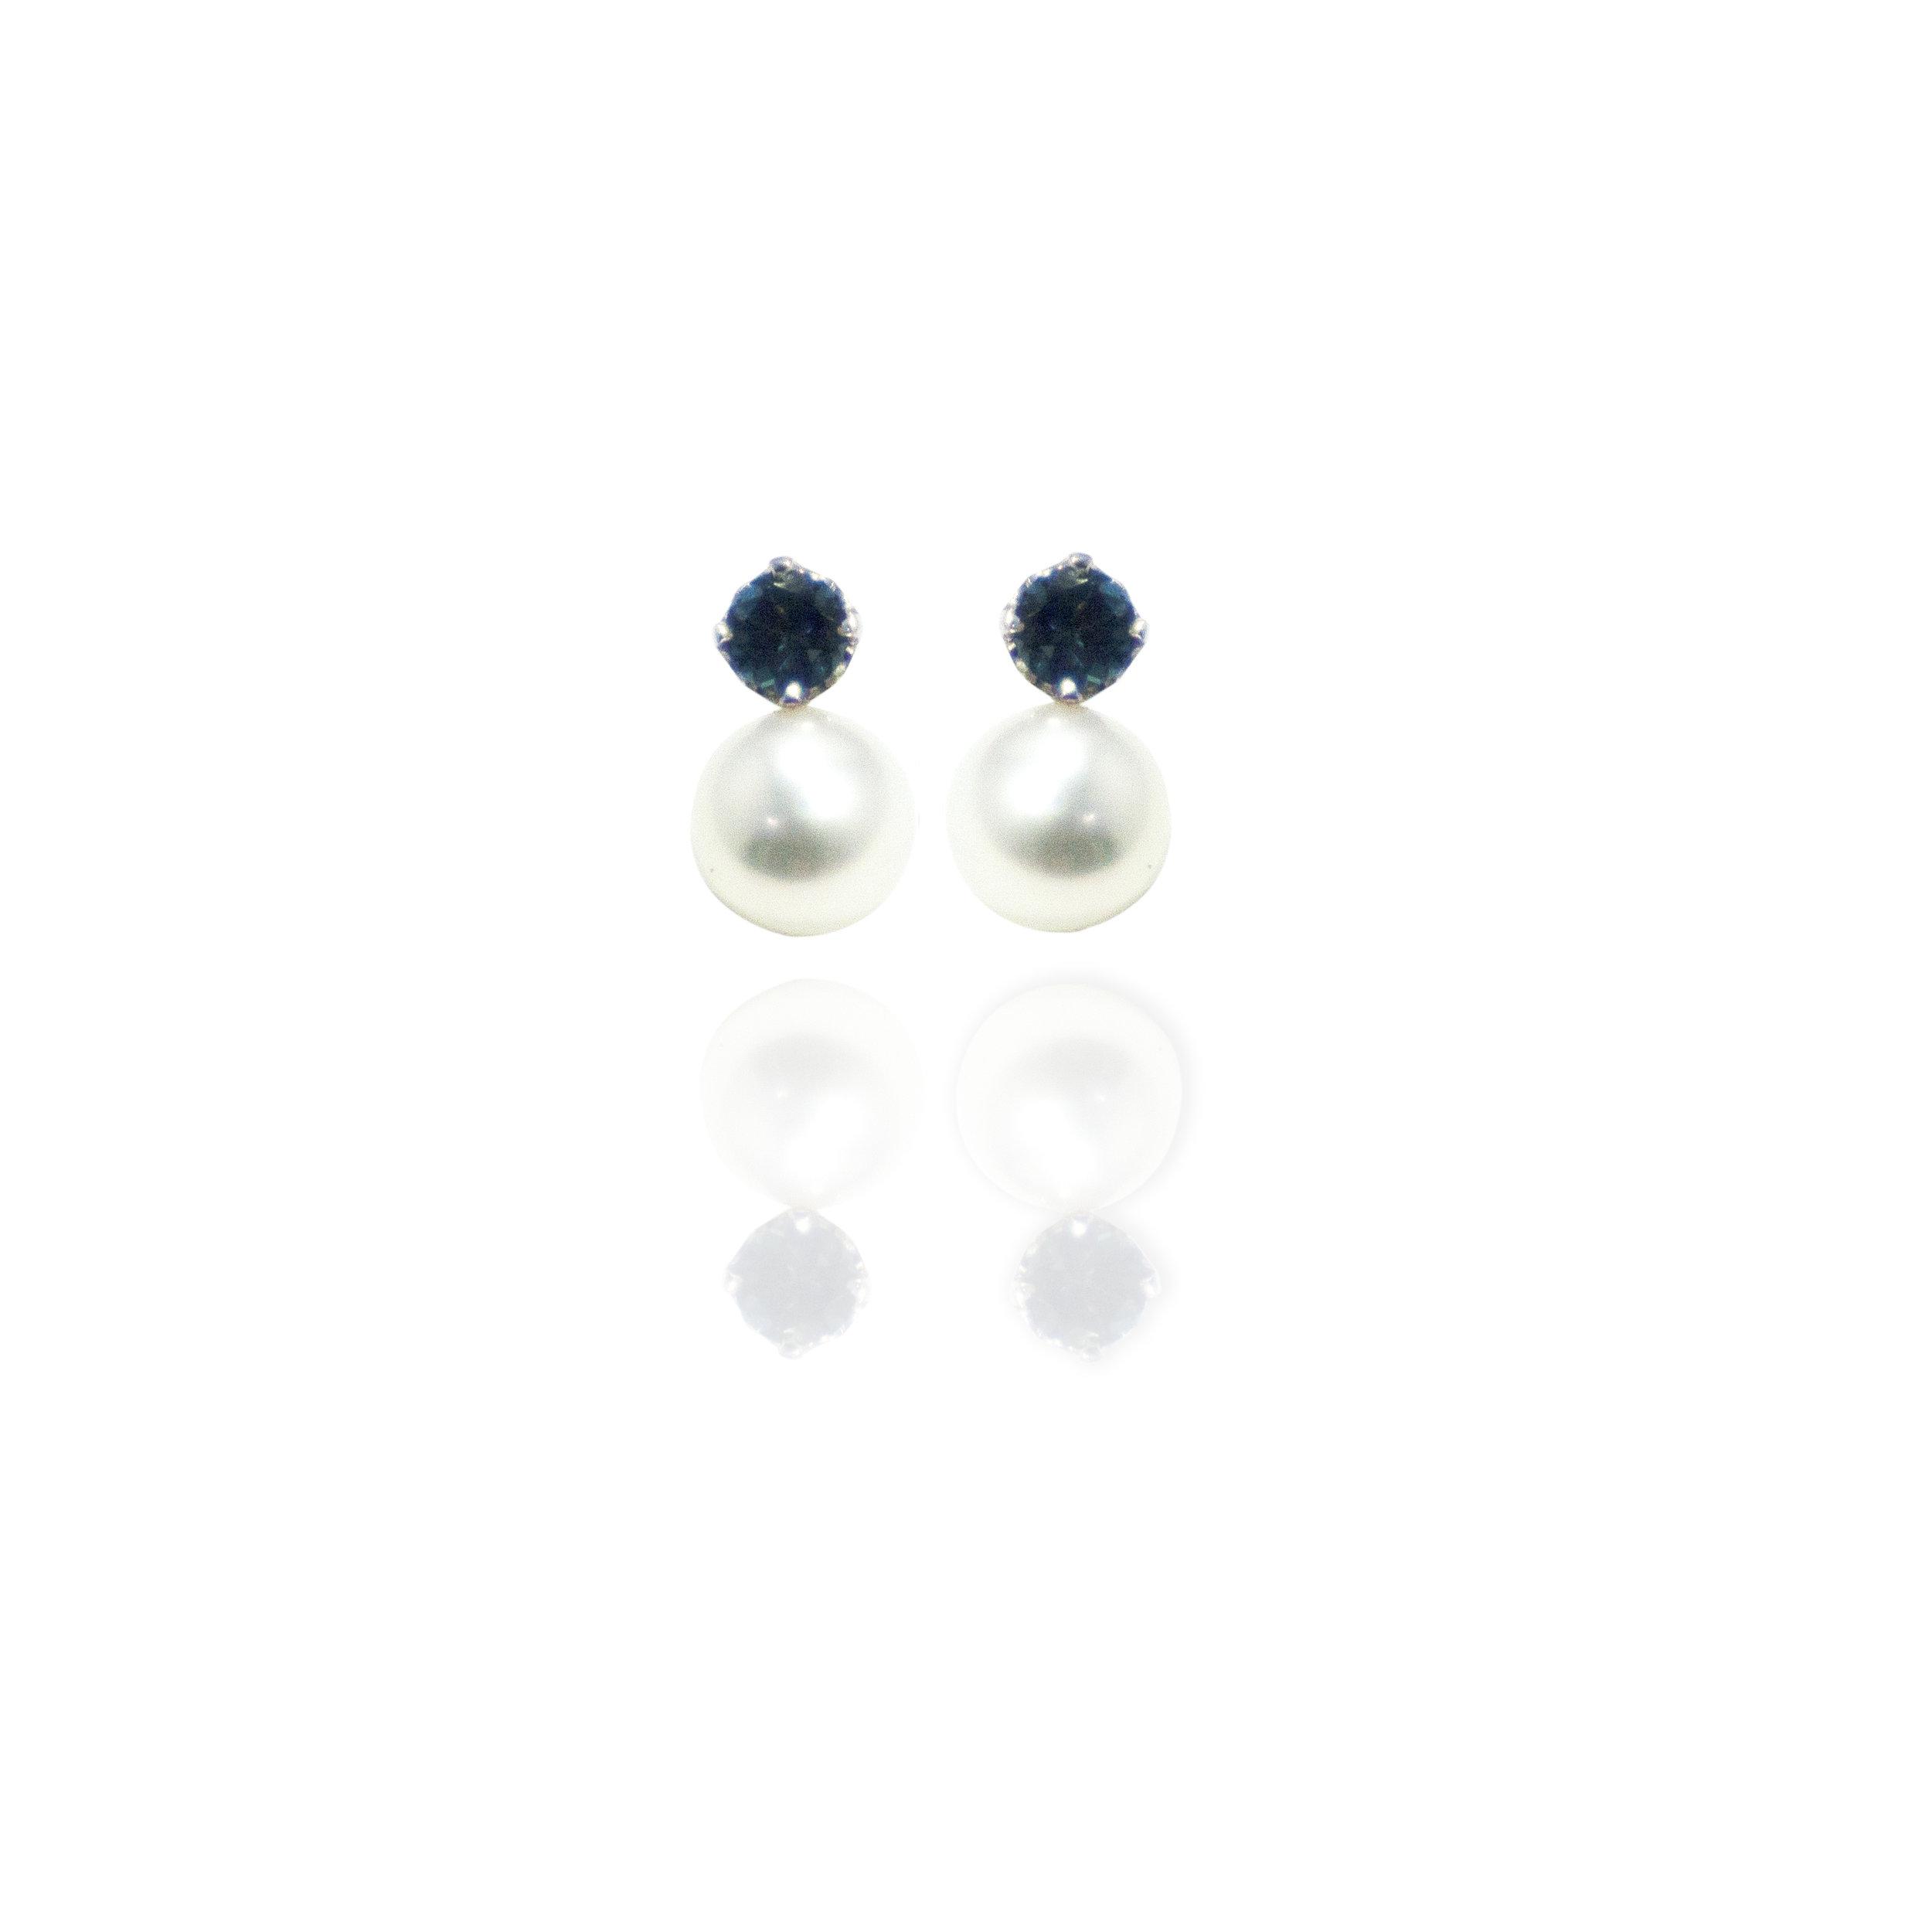 Cubic Zirconia Pearl drop earrings!